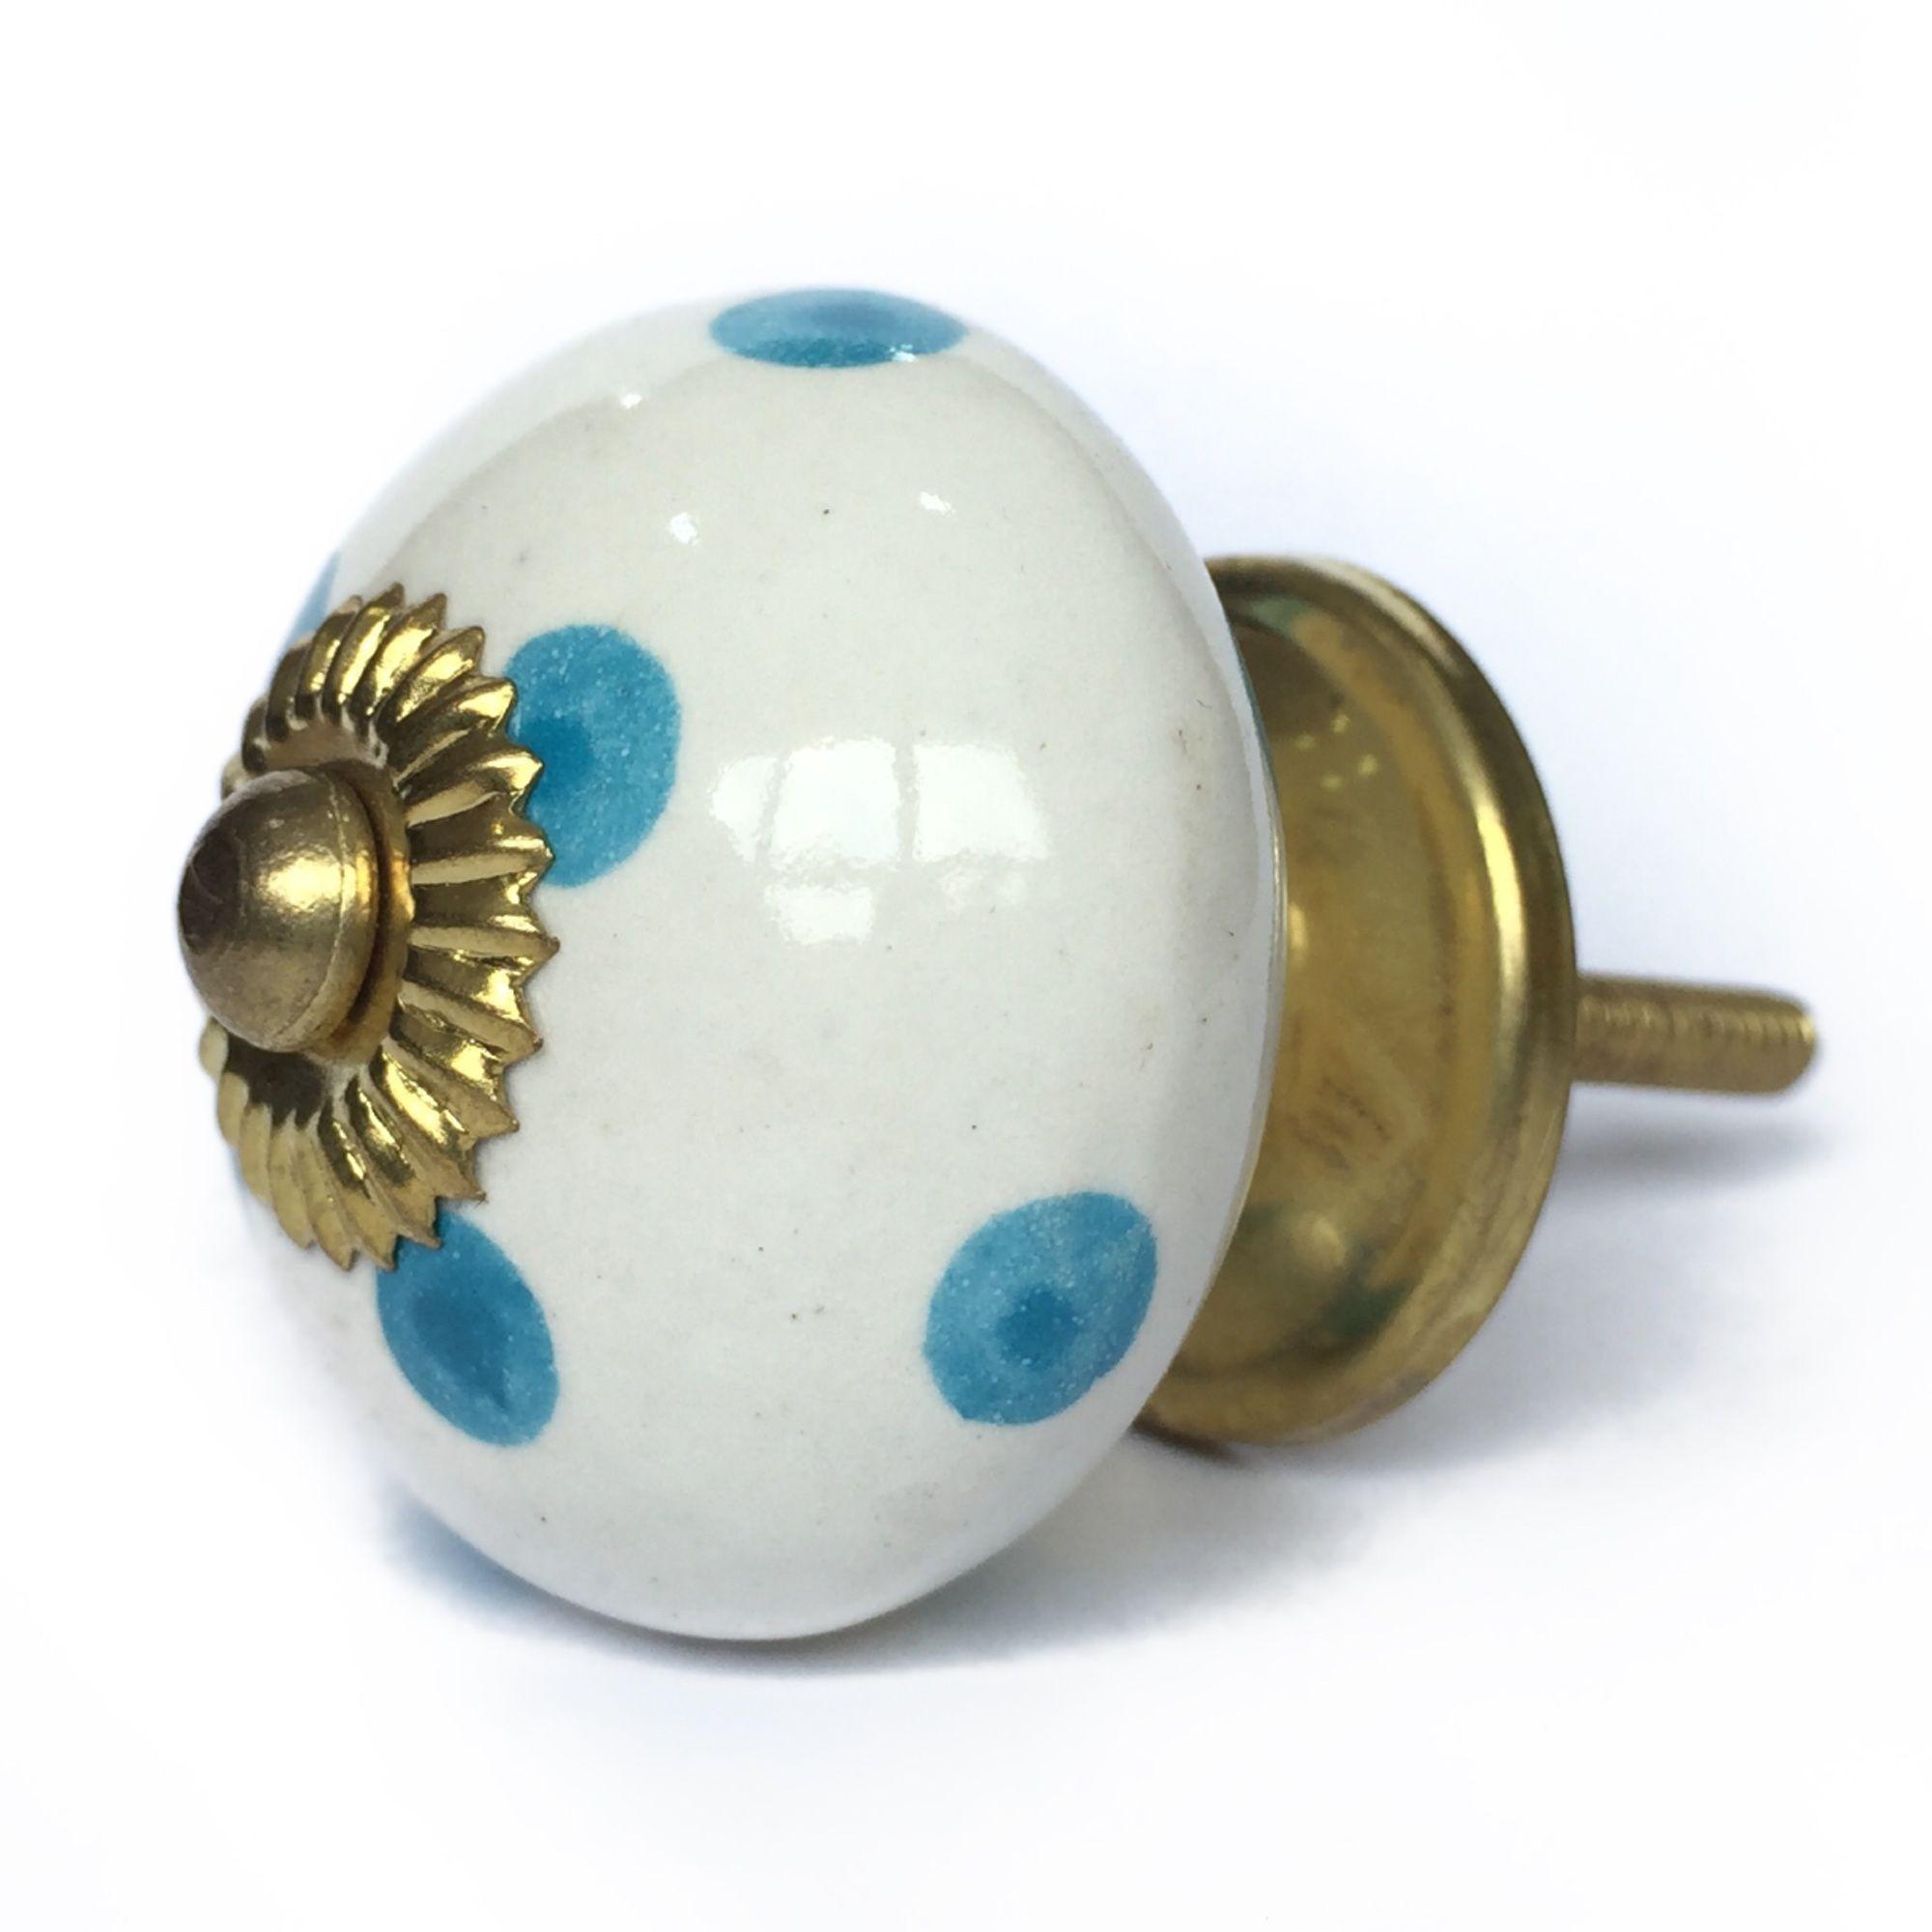 Puxador de Porcelana Bolinhas Azul e Branco